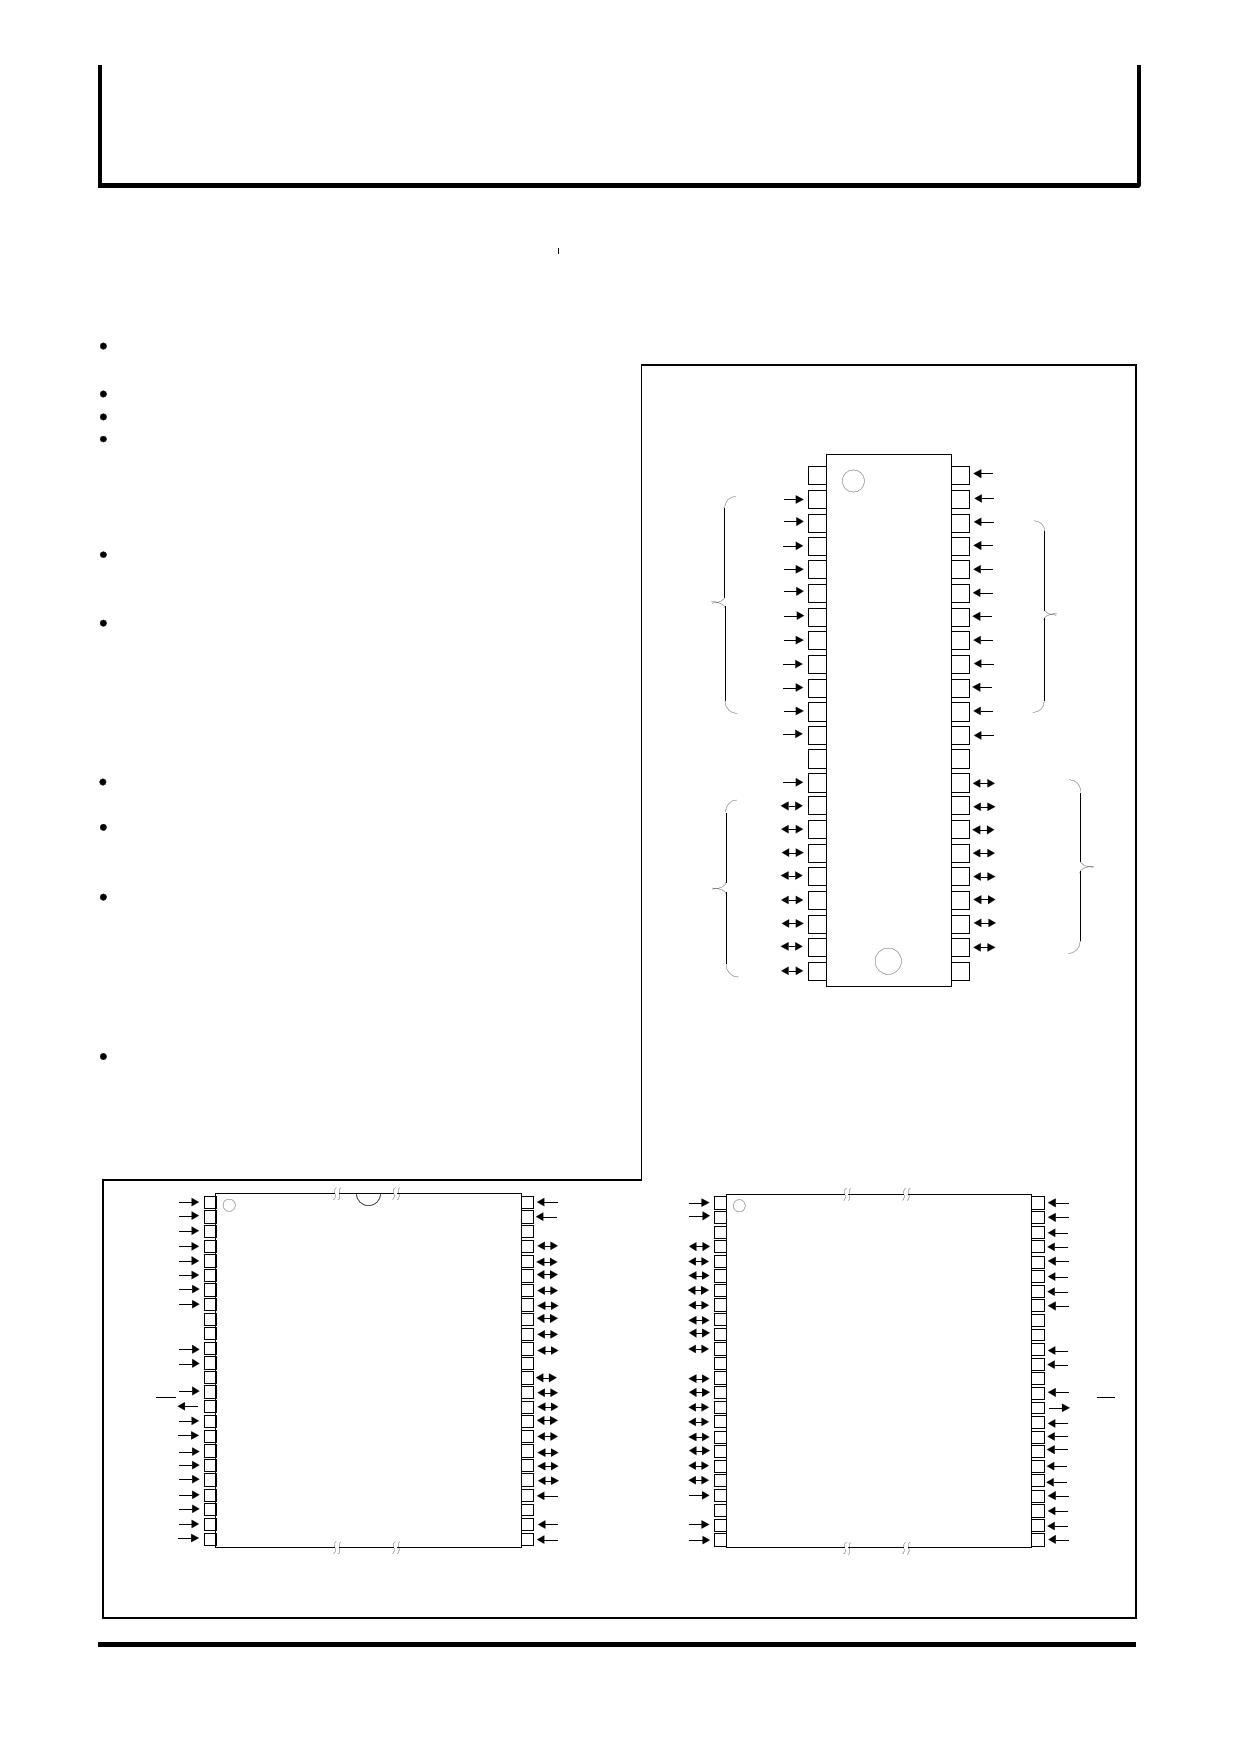 M5M29FB800RV-10 datasheet